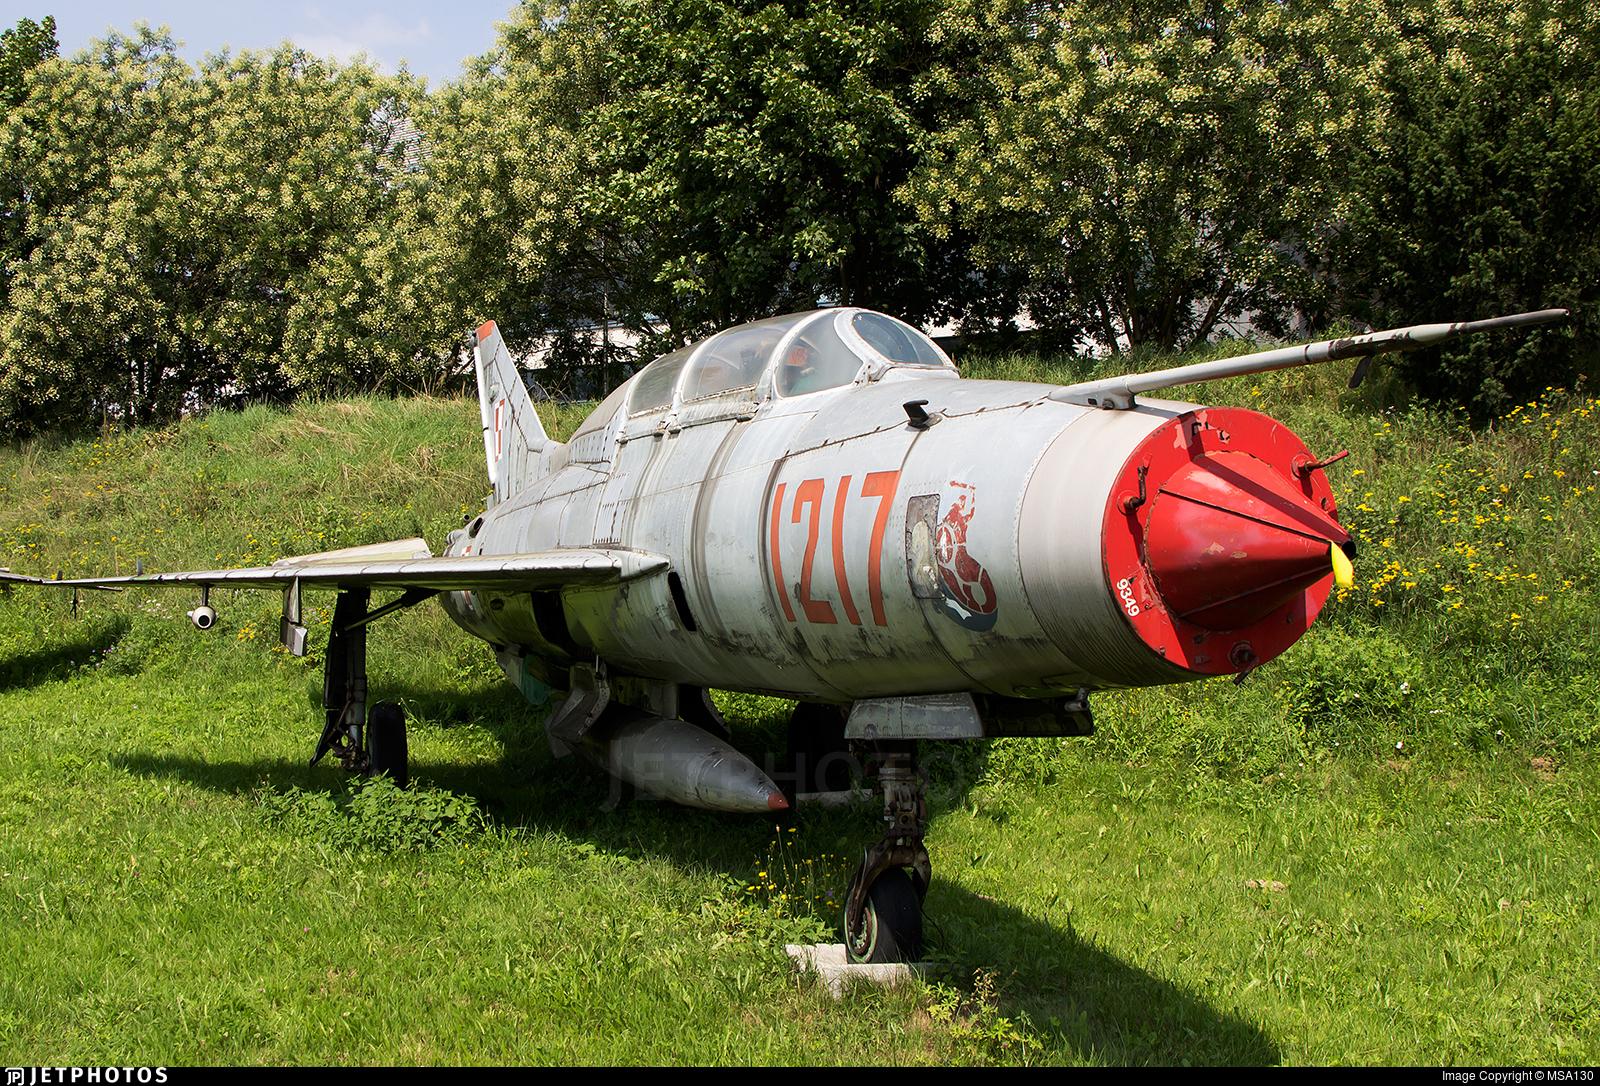 1217 - Mikoyan-Gurevich MiG-21U-400 Mongol A - Poland - Air Force